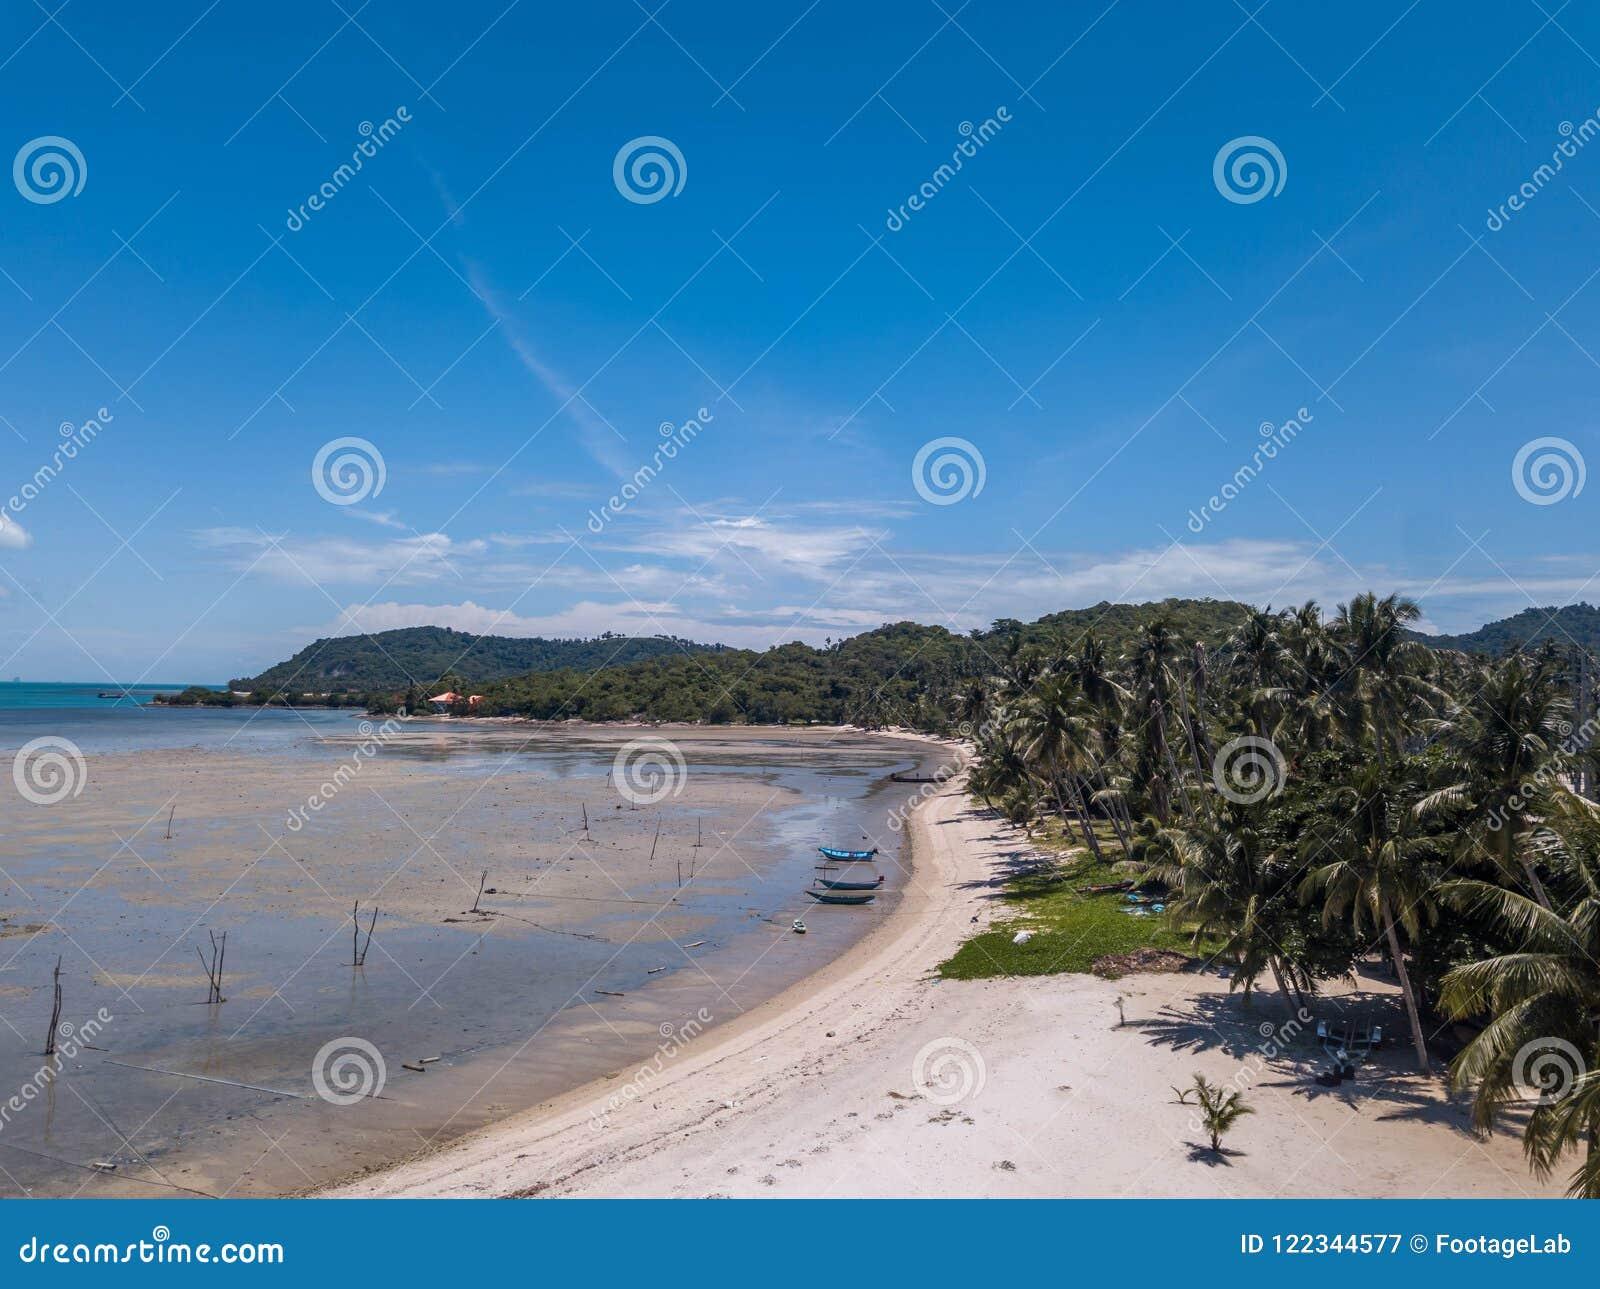 Costa tropical na ilha de Samui em Tailândia, vista aérea